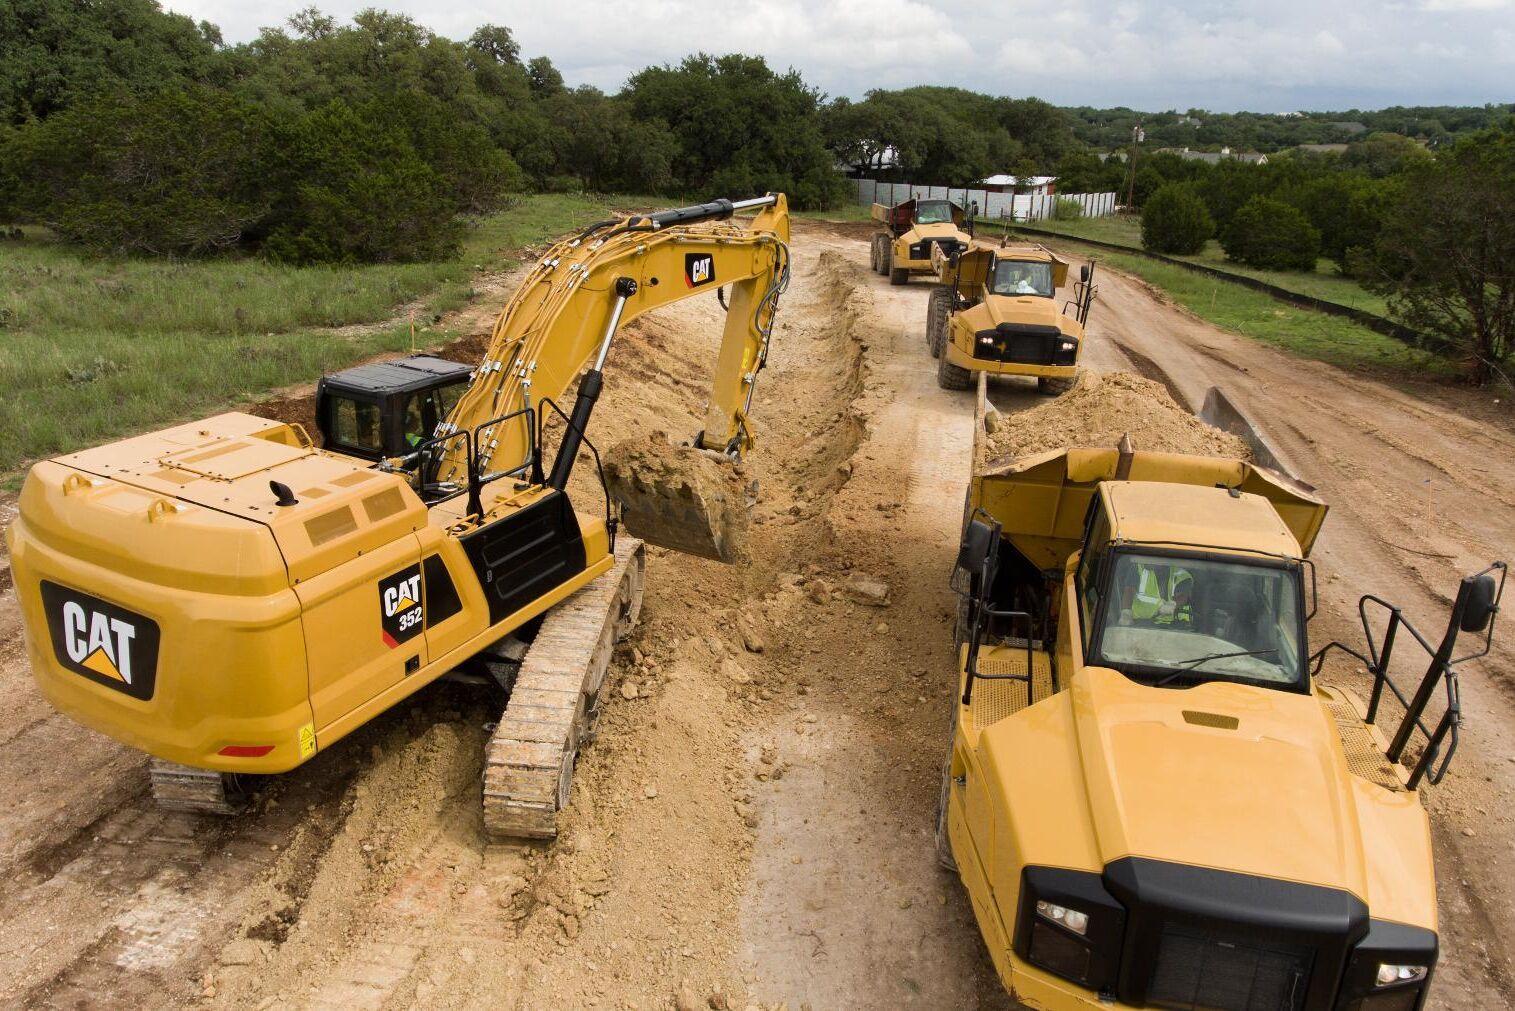 Cat 352 har en arbetsvikt på 50 ton.